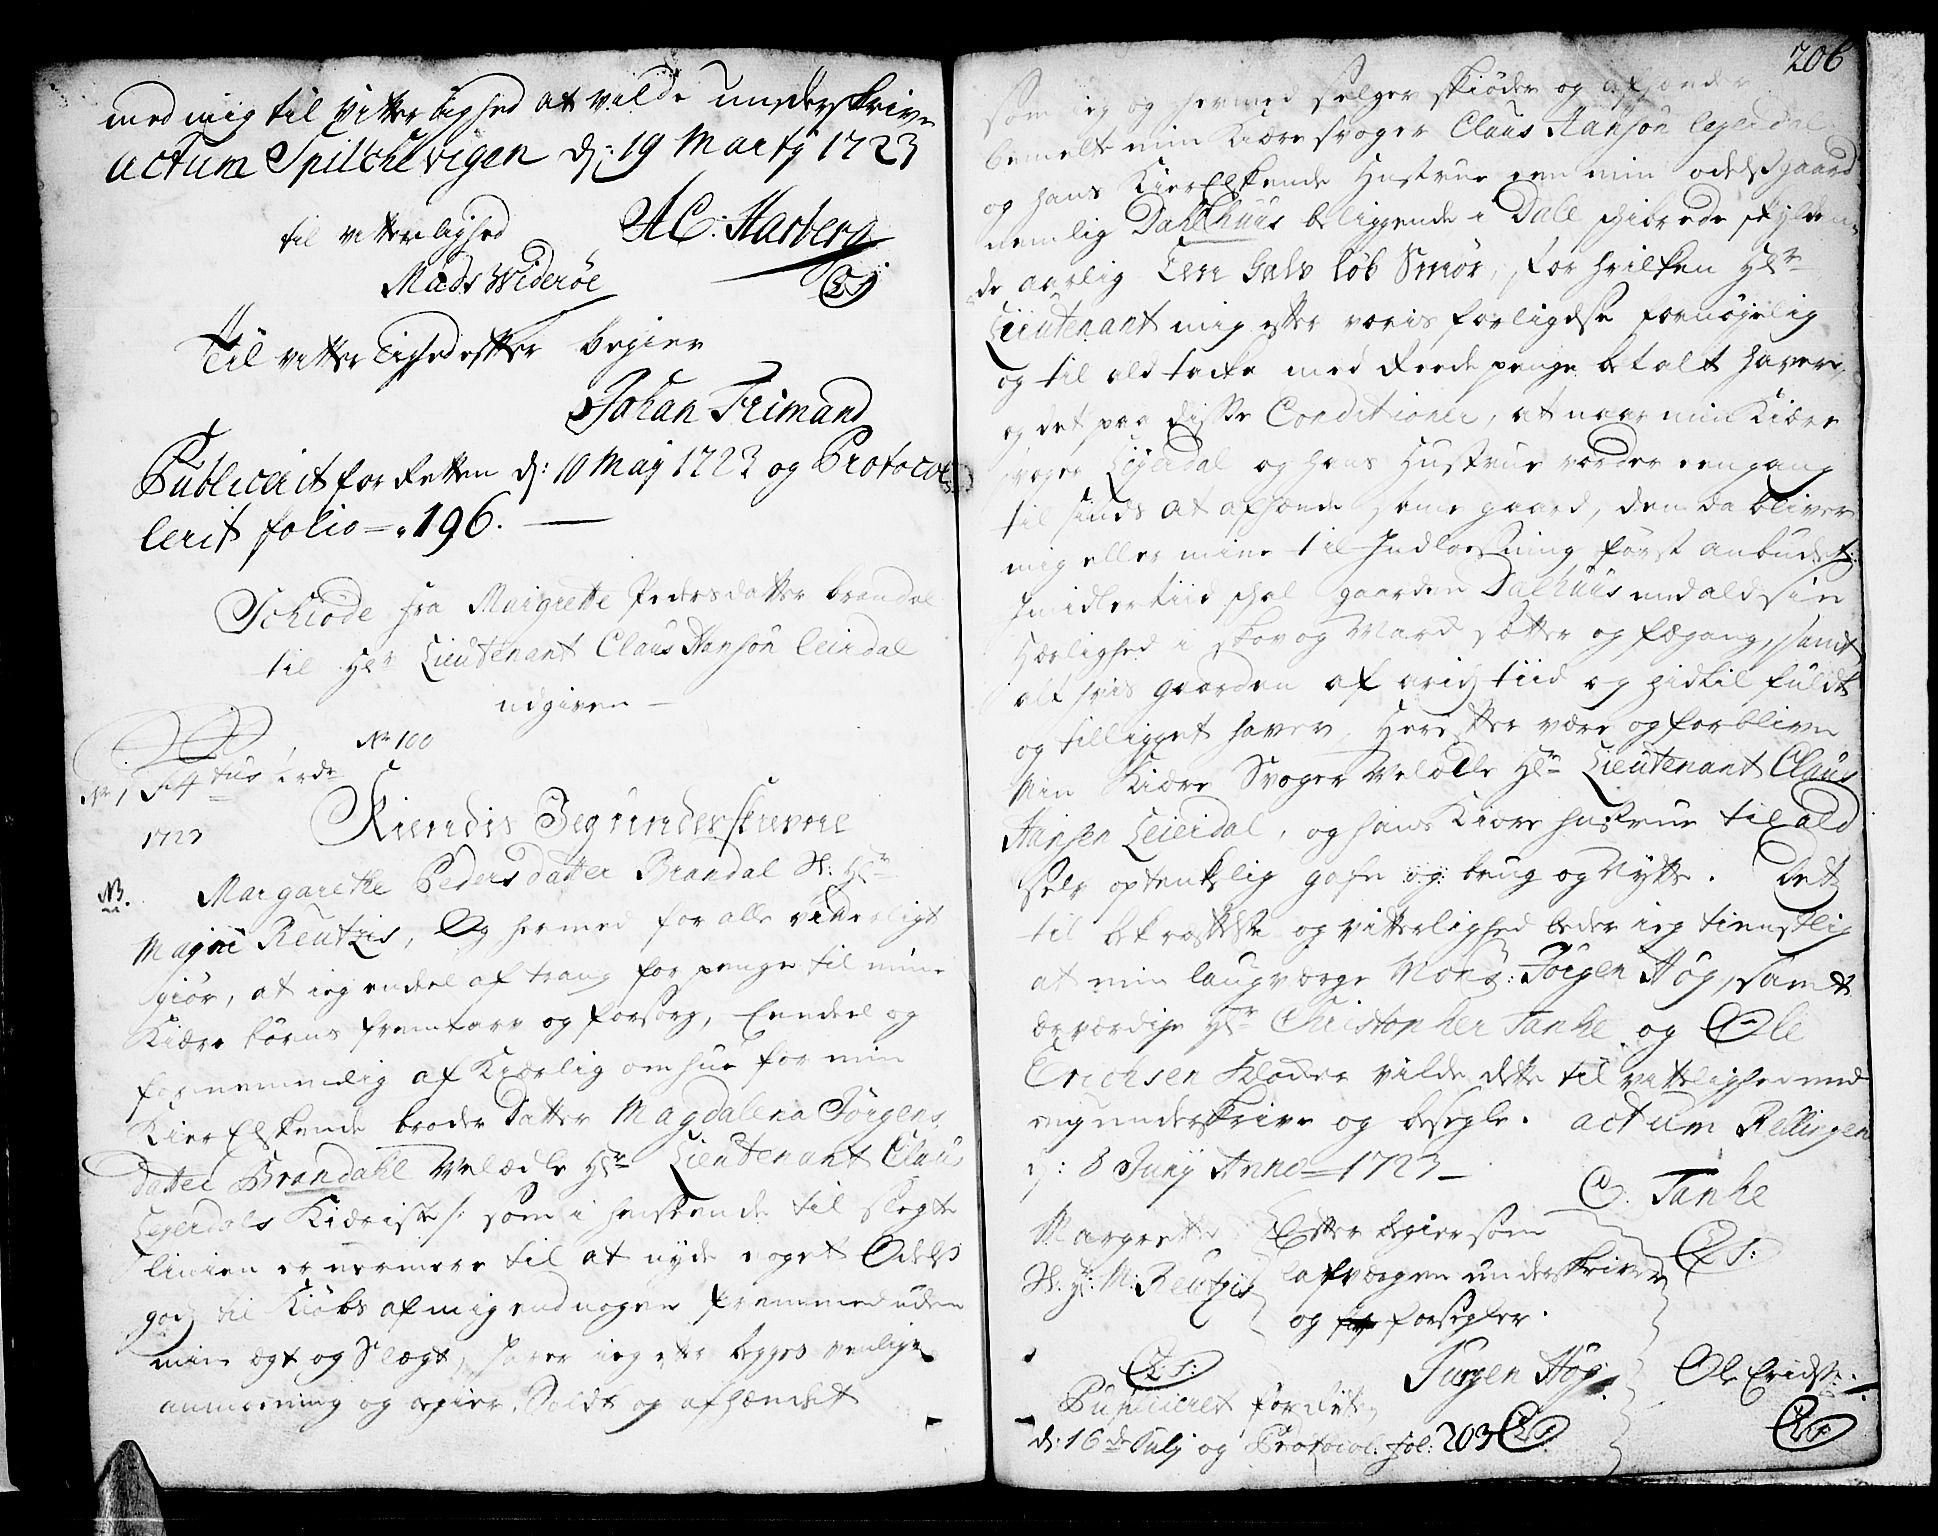 SAT, Sunnmøre sorenskriveri, 2/2C/L0001: Pantebok nr. 1, 1707-1724, s. 206